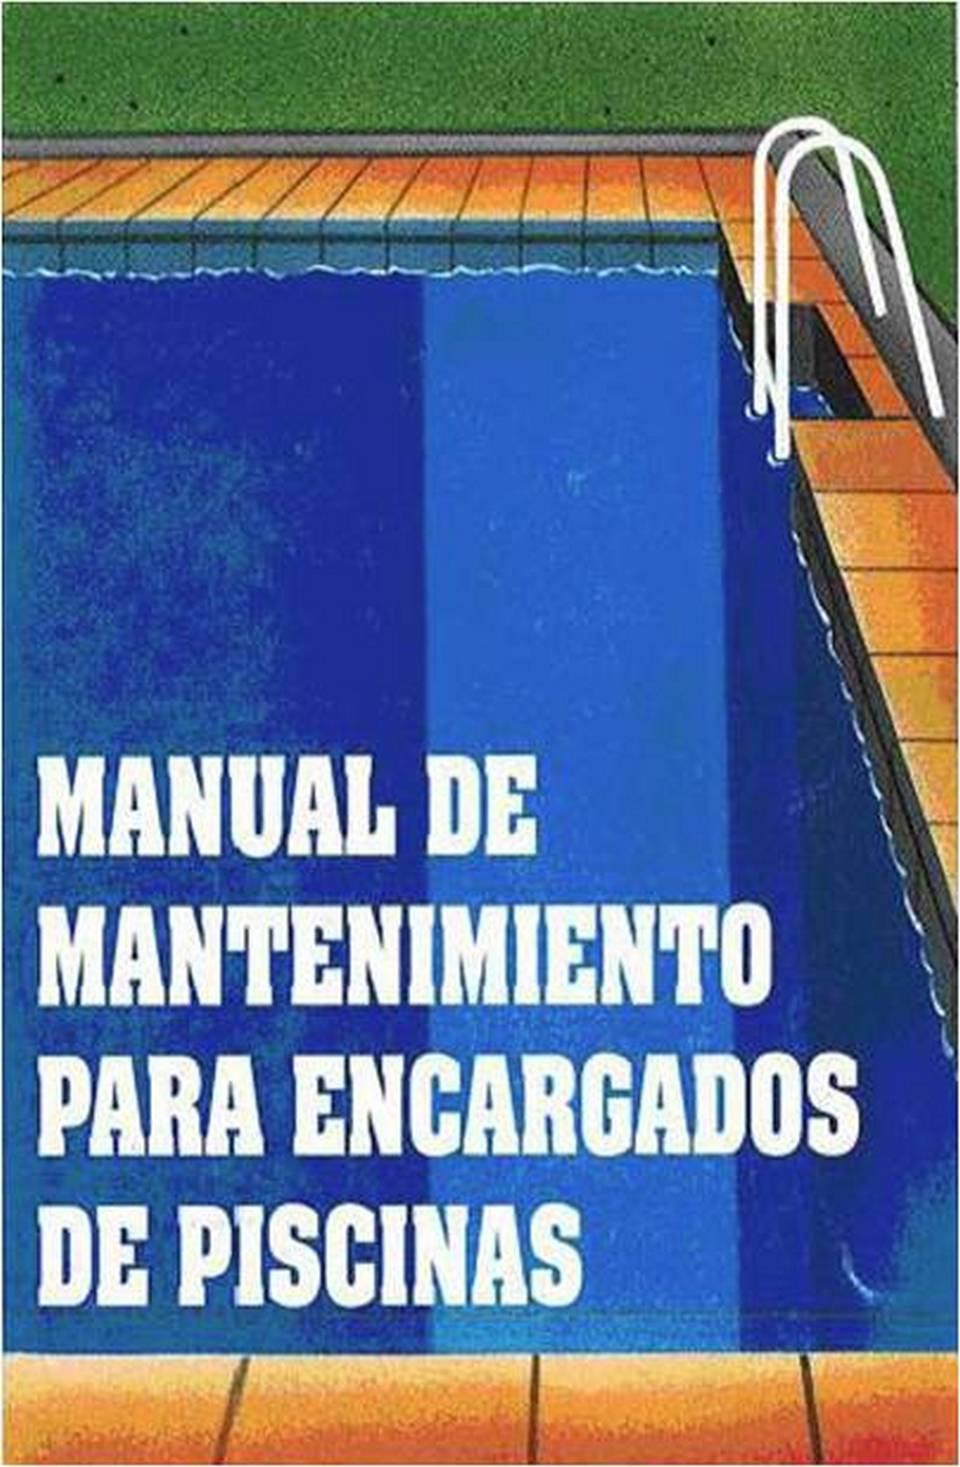 Imagen de la portada del Manual de mantenimiento para encargados de piscinas